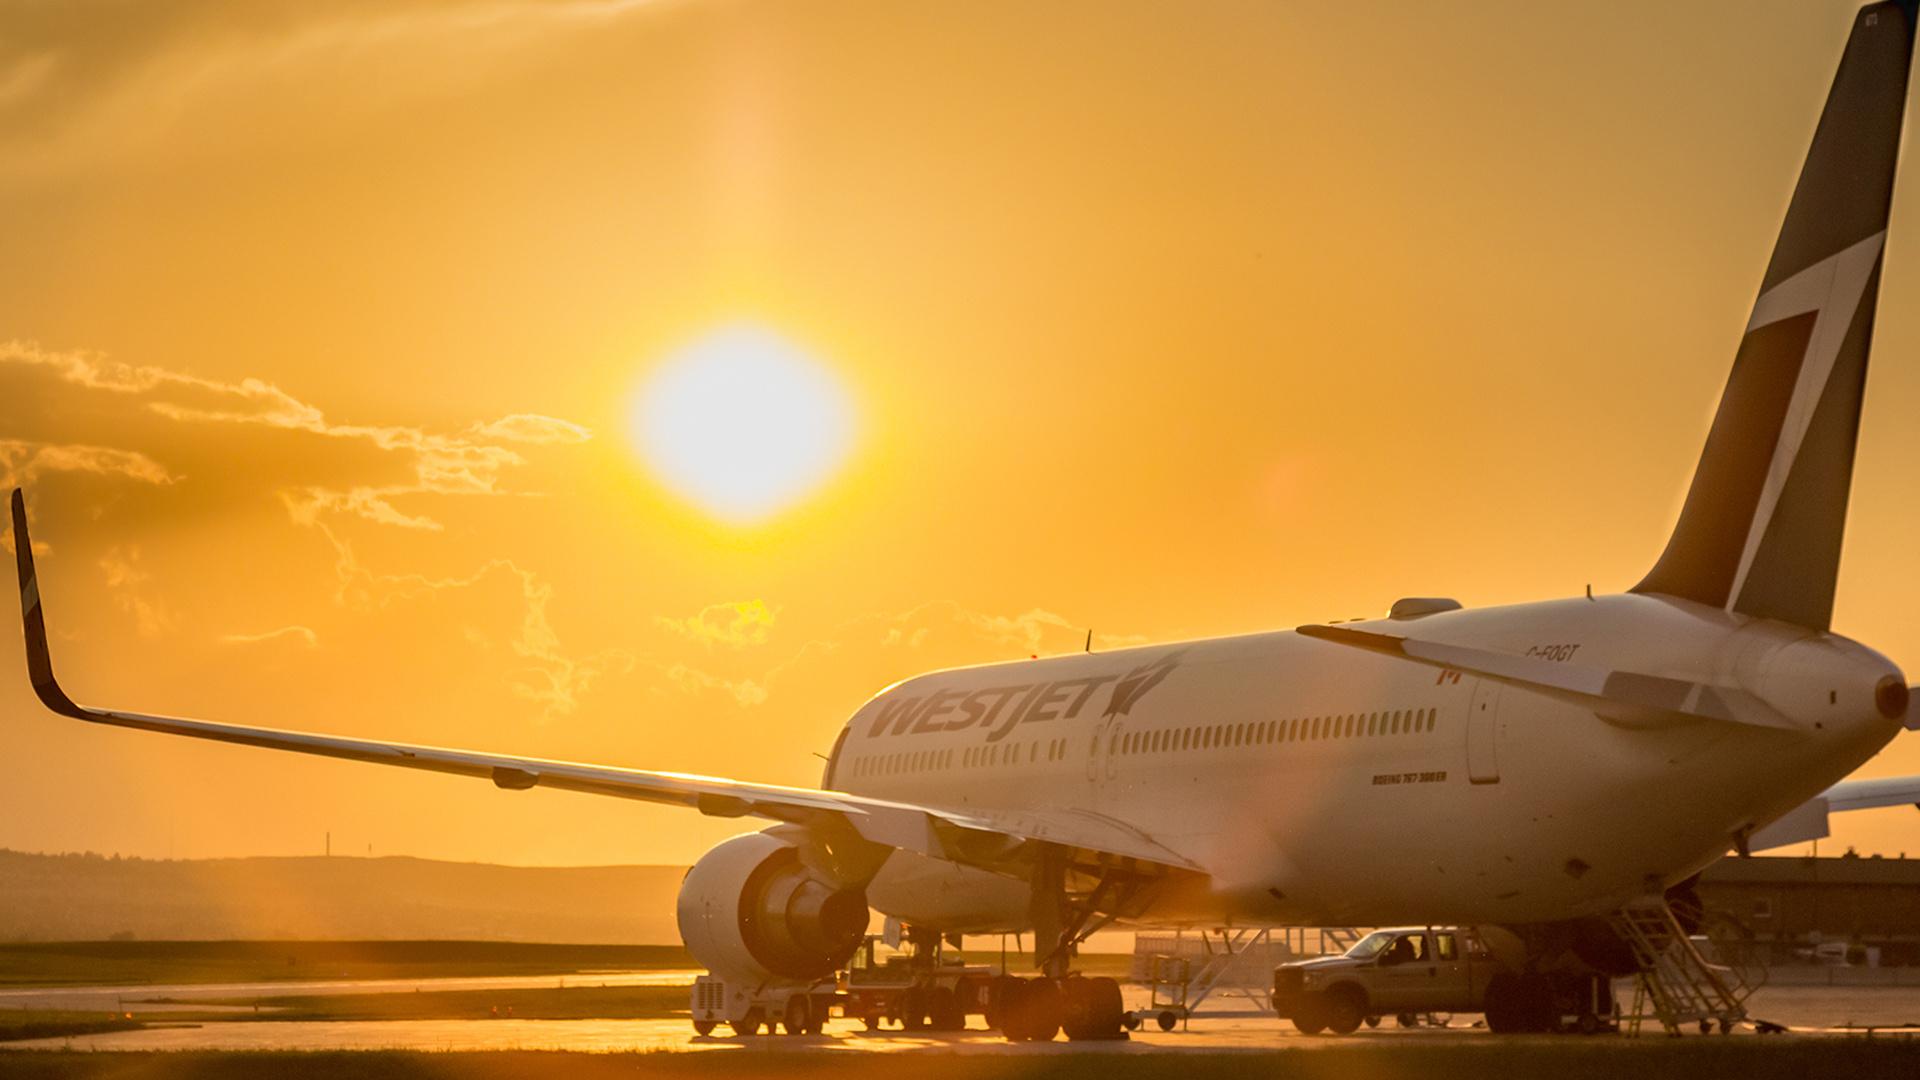 WestJest suspends international flights